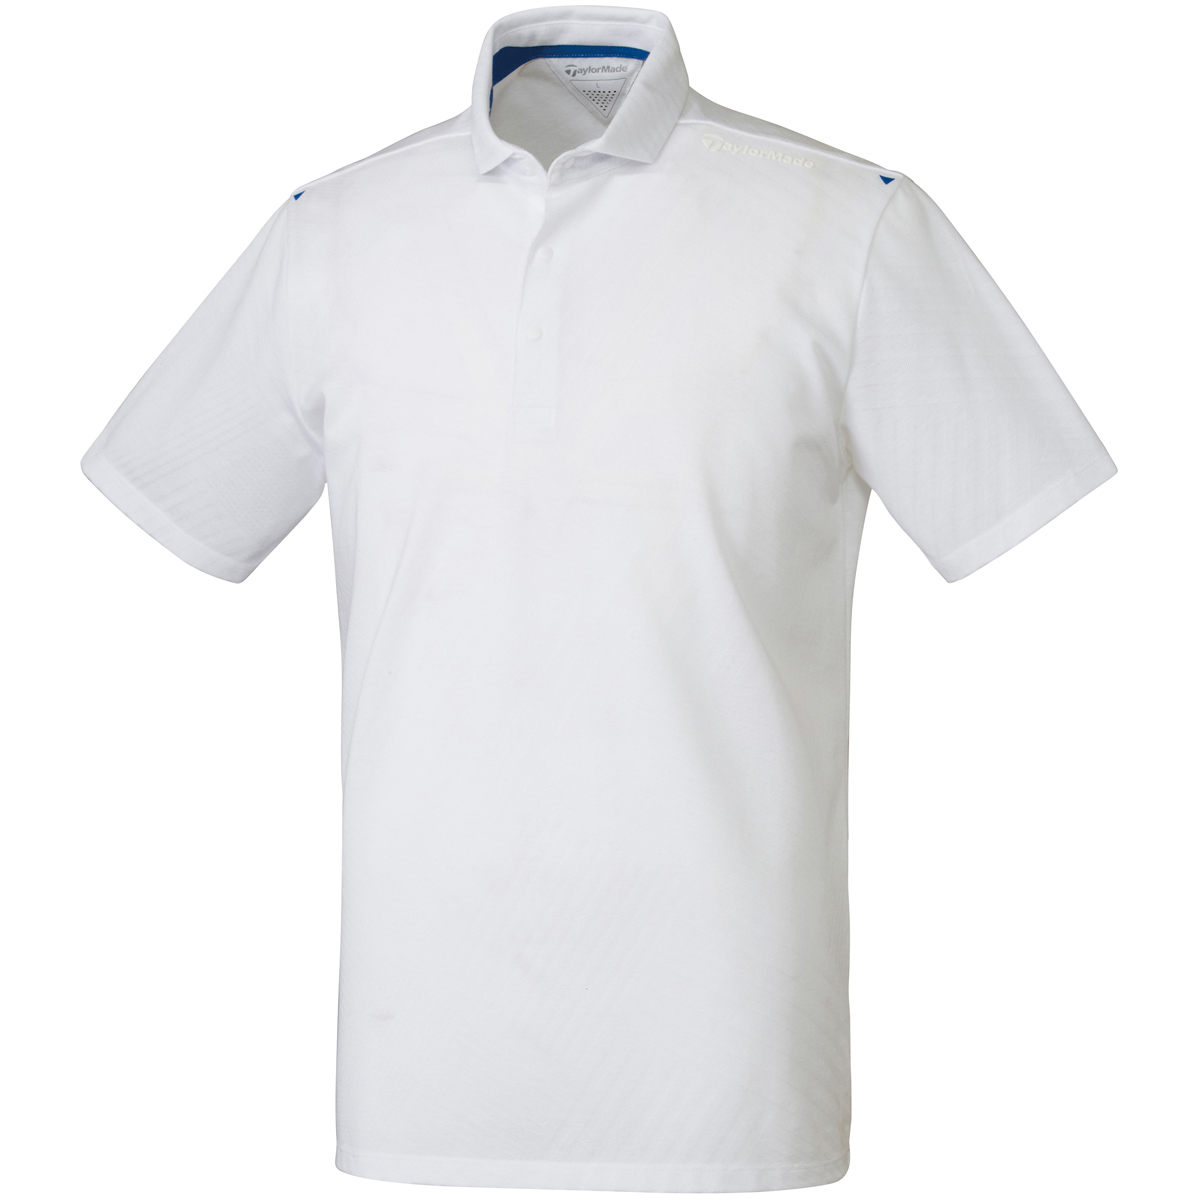 クーリング シーズナルグラフィック半袖ポロシャツ